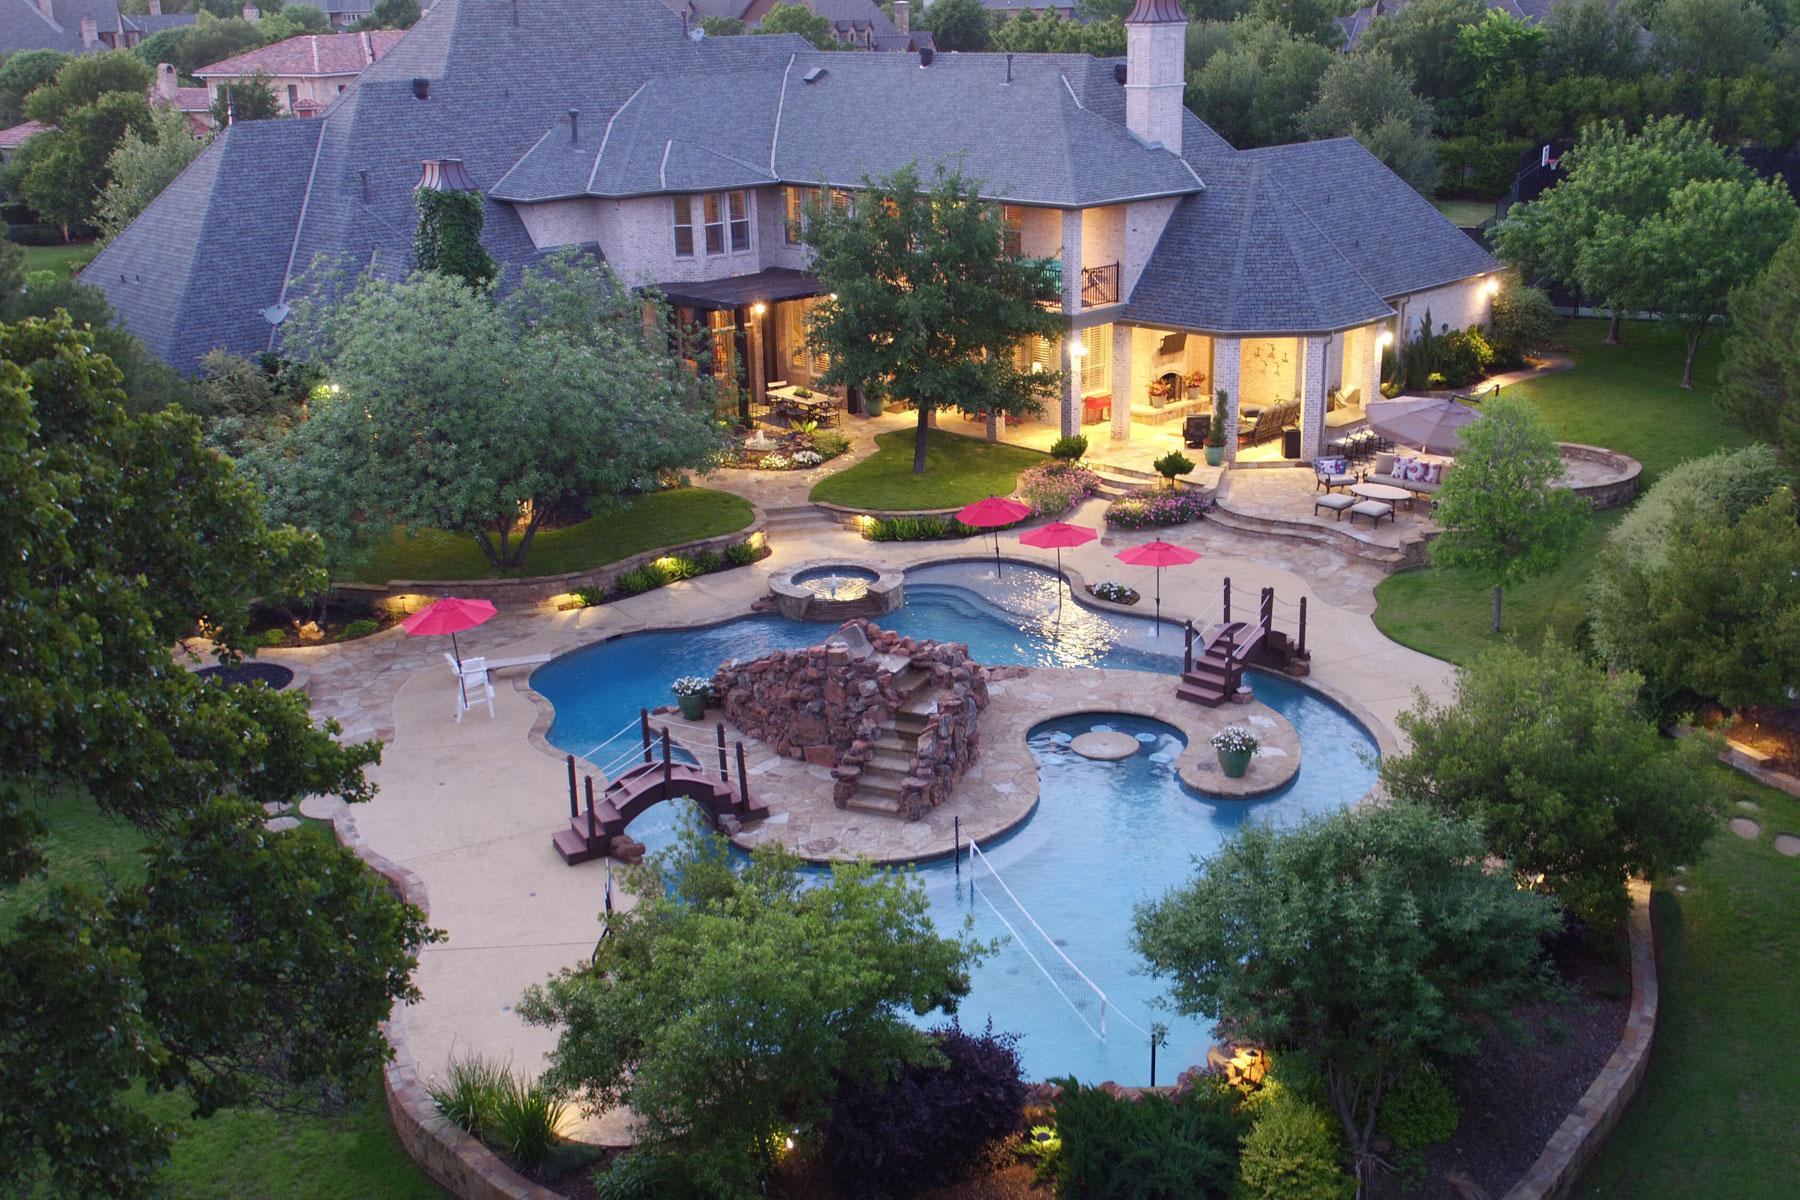 Maison unifamiliale pour l Vente à 2 ACRE ESTATE WITH RESORT-LIKE POOL 1833 Broken Bend Dr Westlake, Texas, 76262 États-Unis